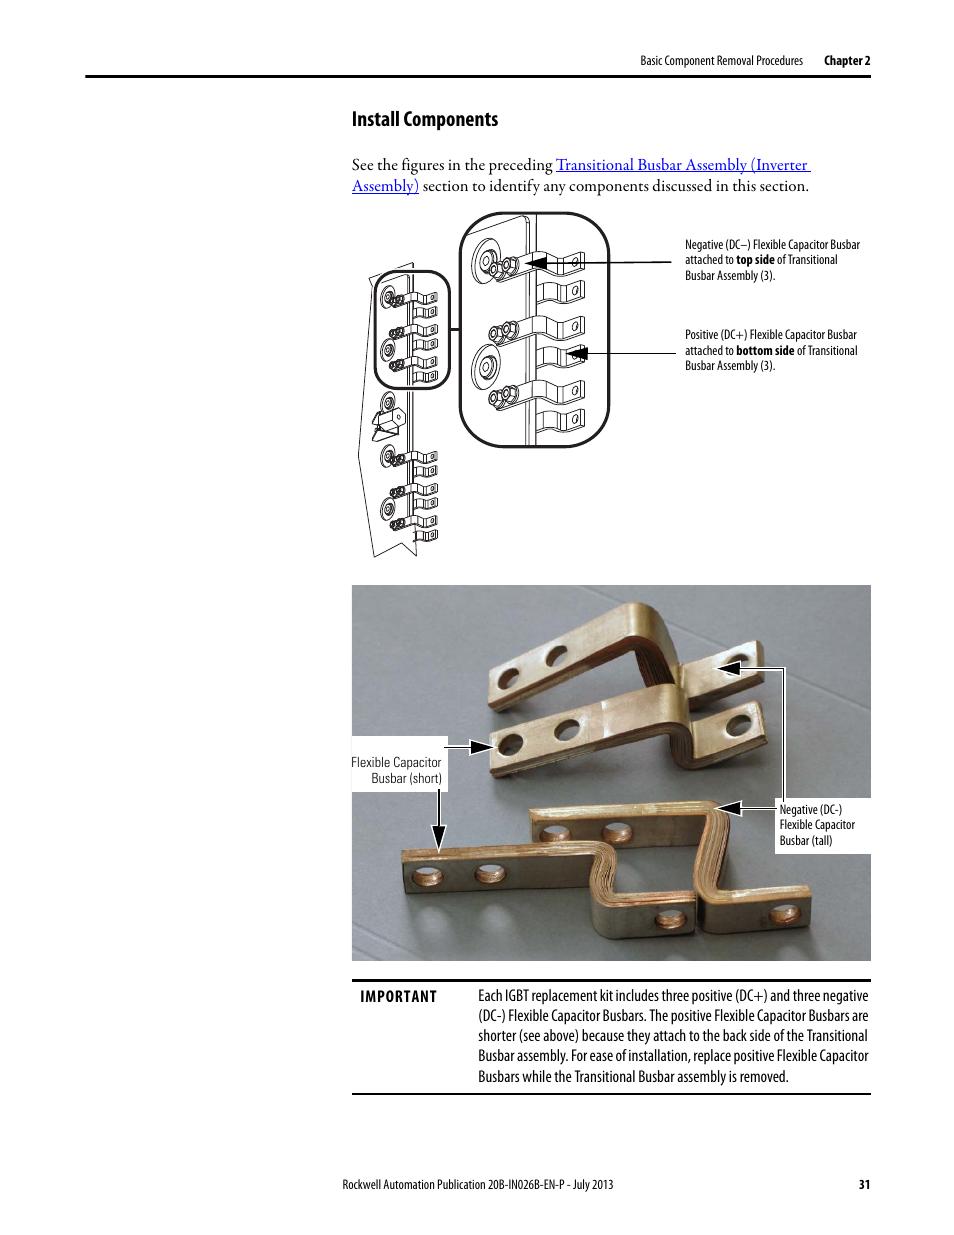 WRG-3749] Rockwell Powerflex 700 Wiring Diagram